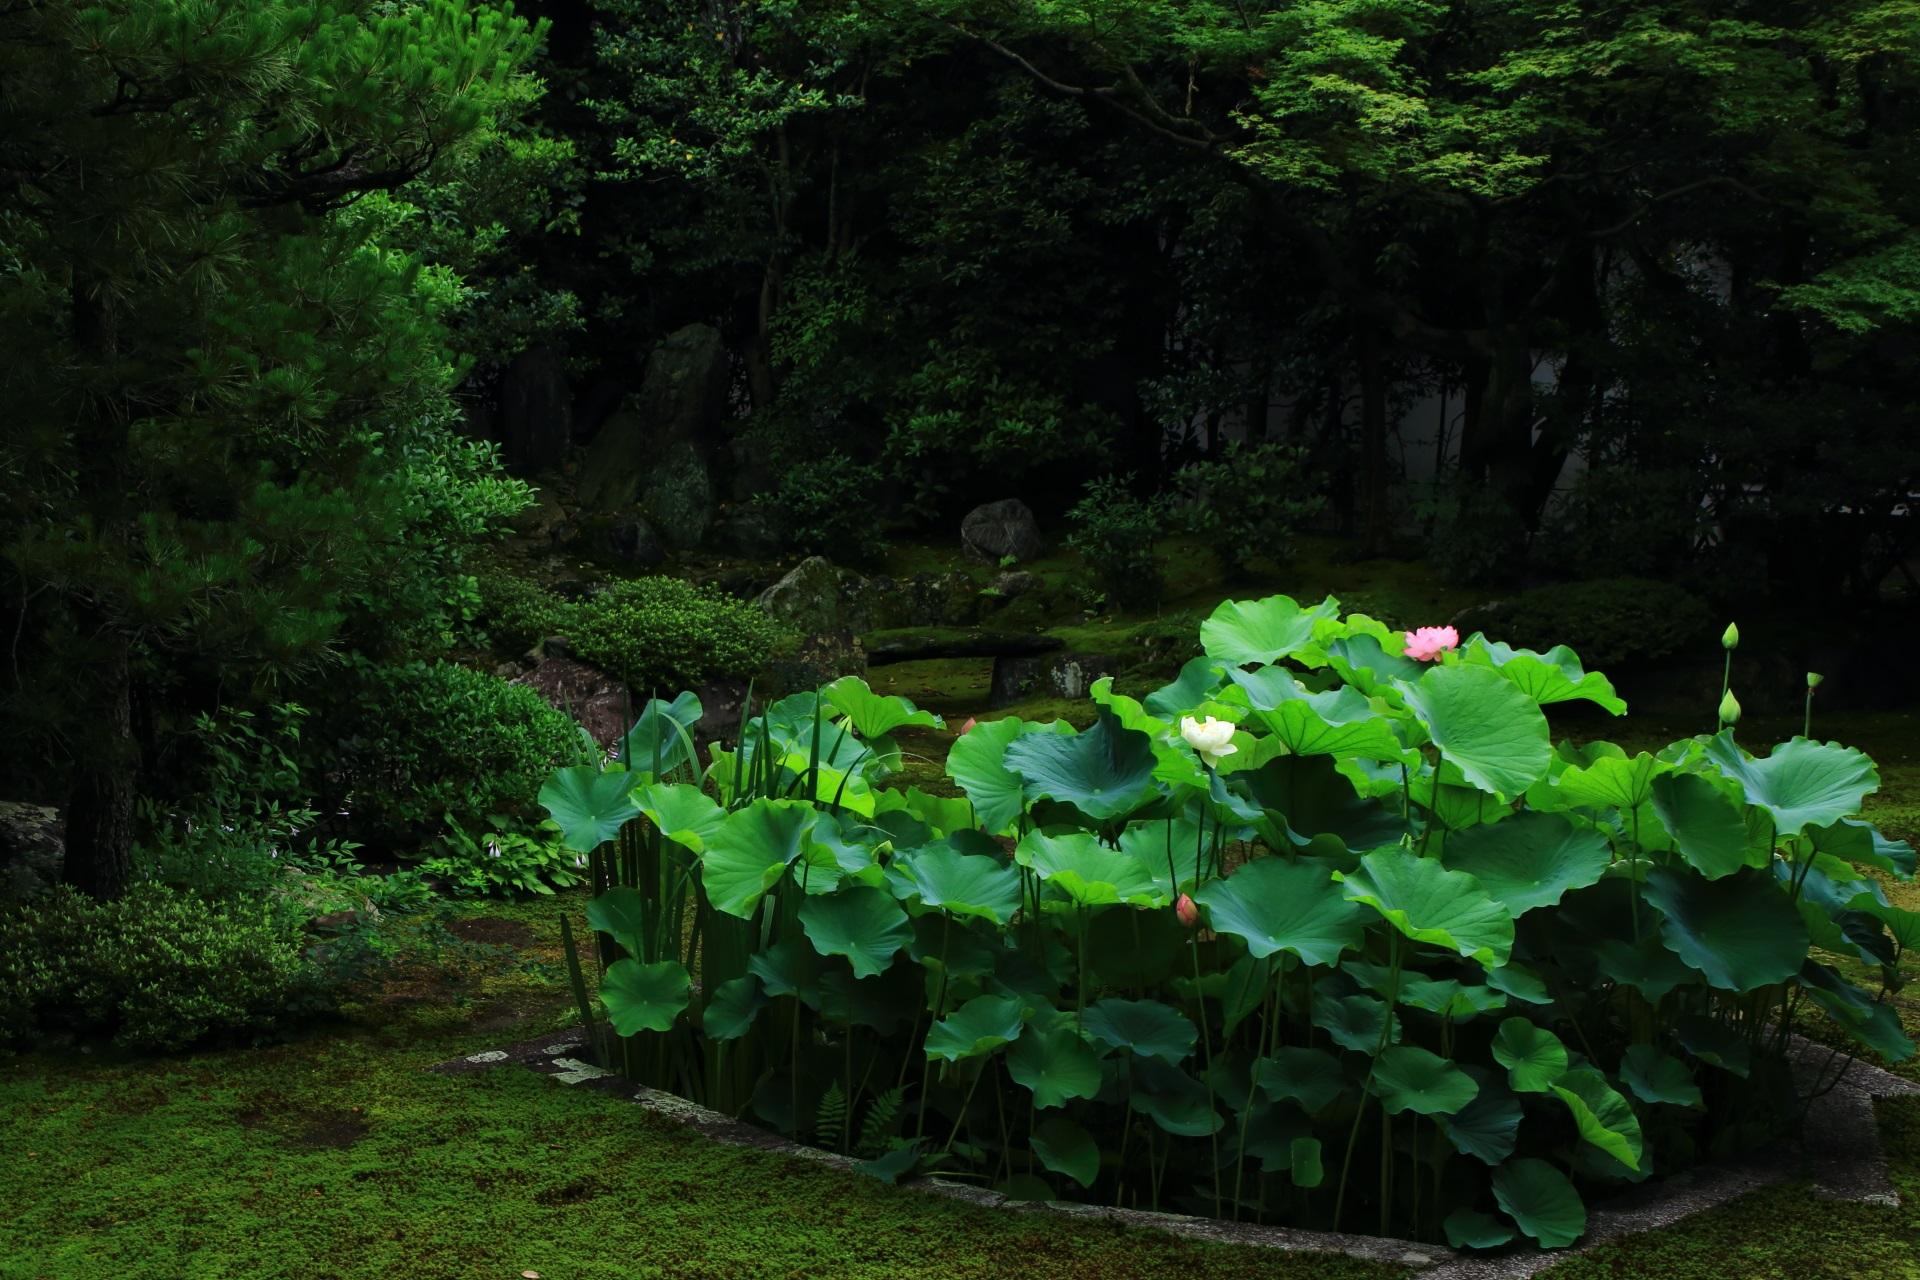 本法寺 蓮 巴の庭を彩る華やかな蓮の花